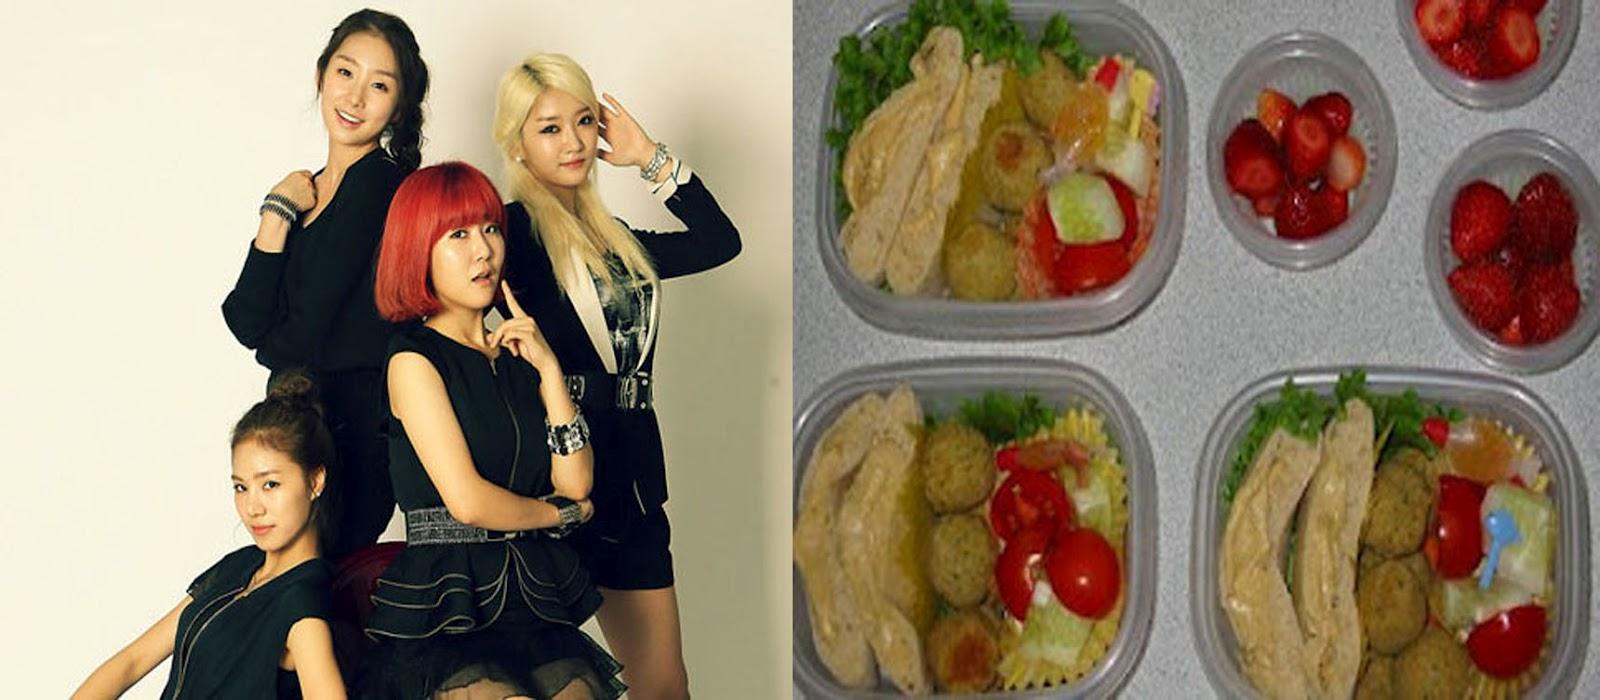 stellar+girlband+korean+diet.jpg